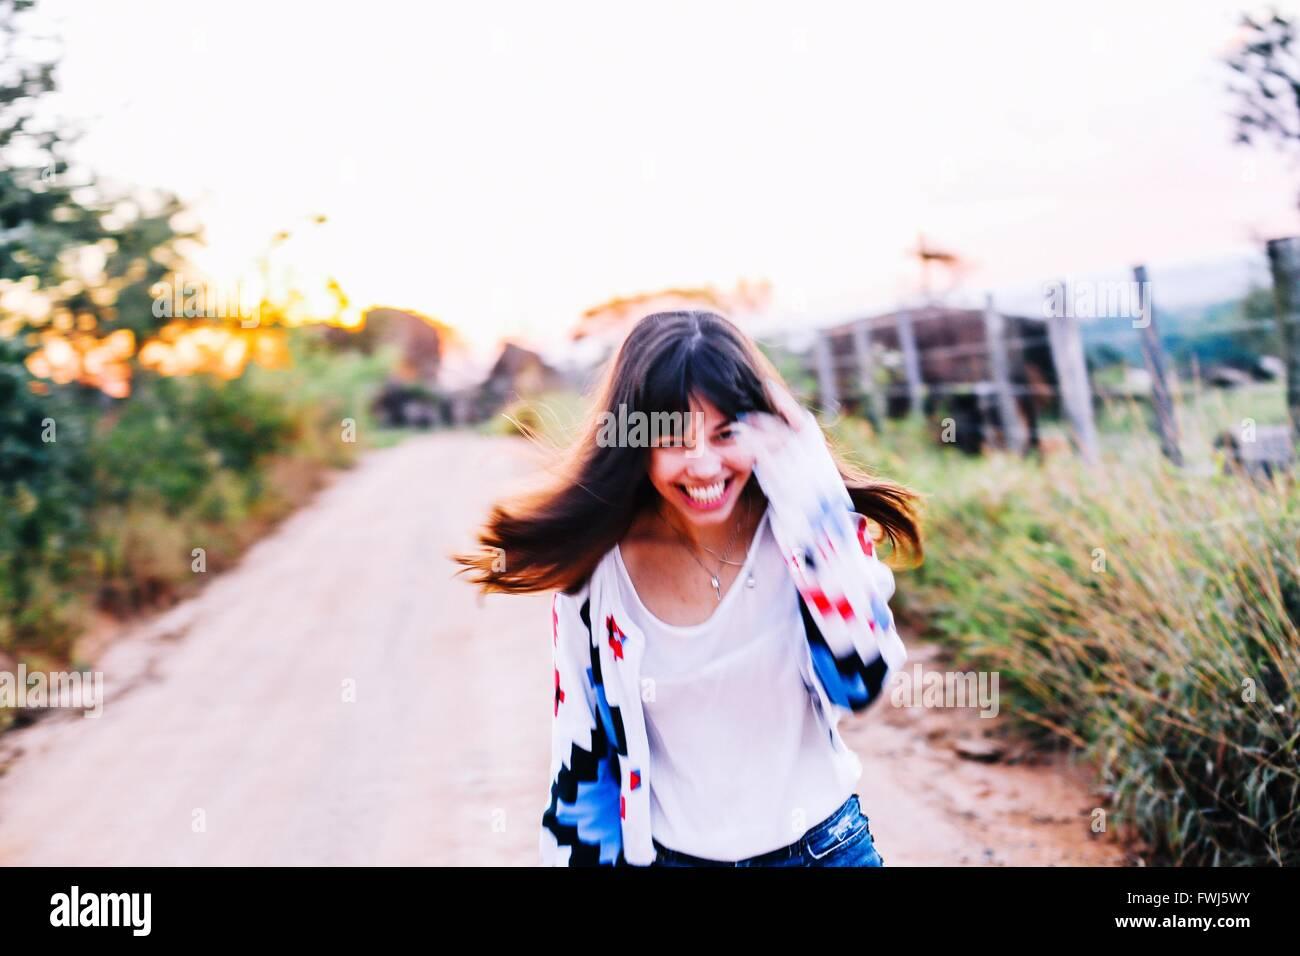 Porträt der glückliche junge Frau läuft auf der Straße inmitten von Pflanzen gegen klaren Himmel Stockbild